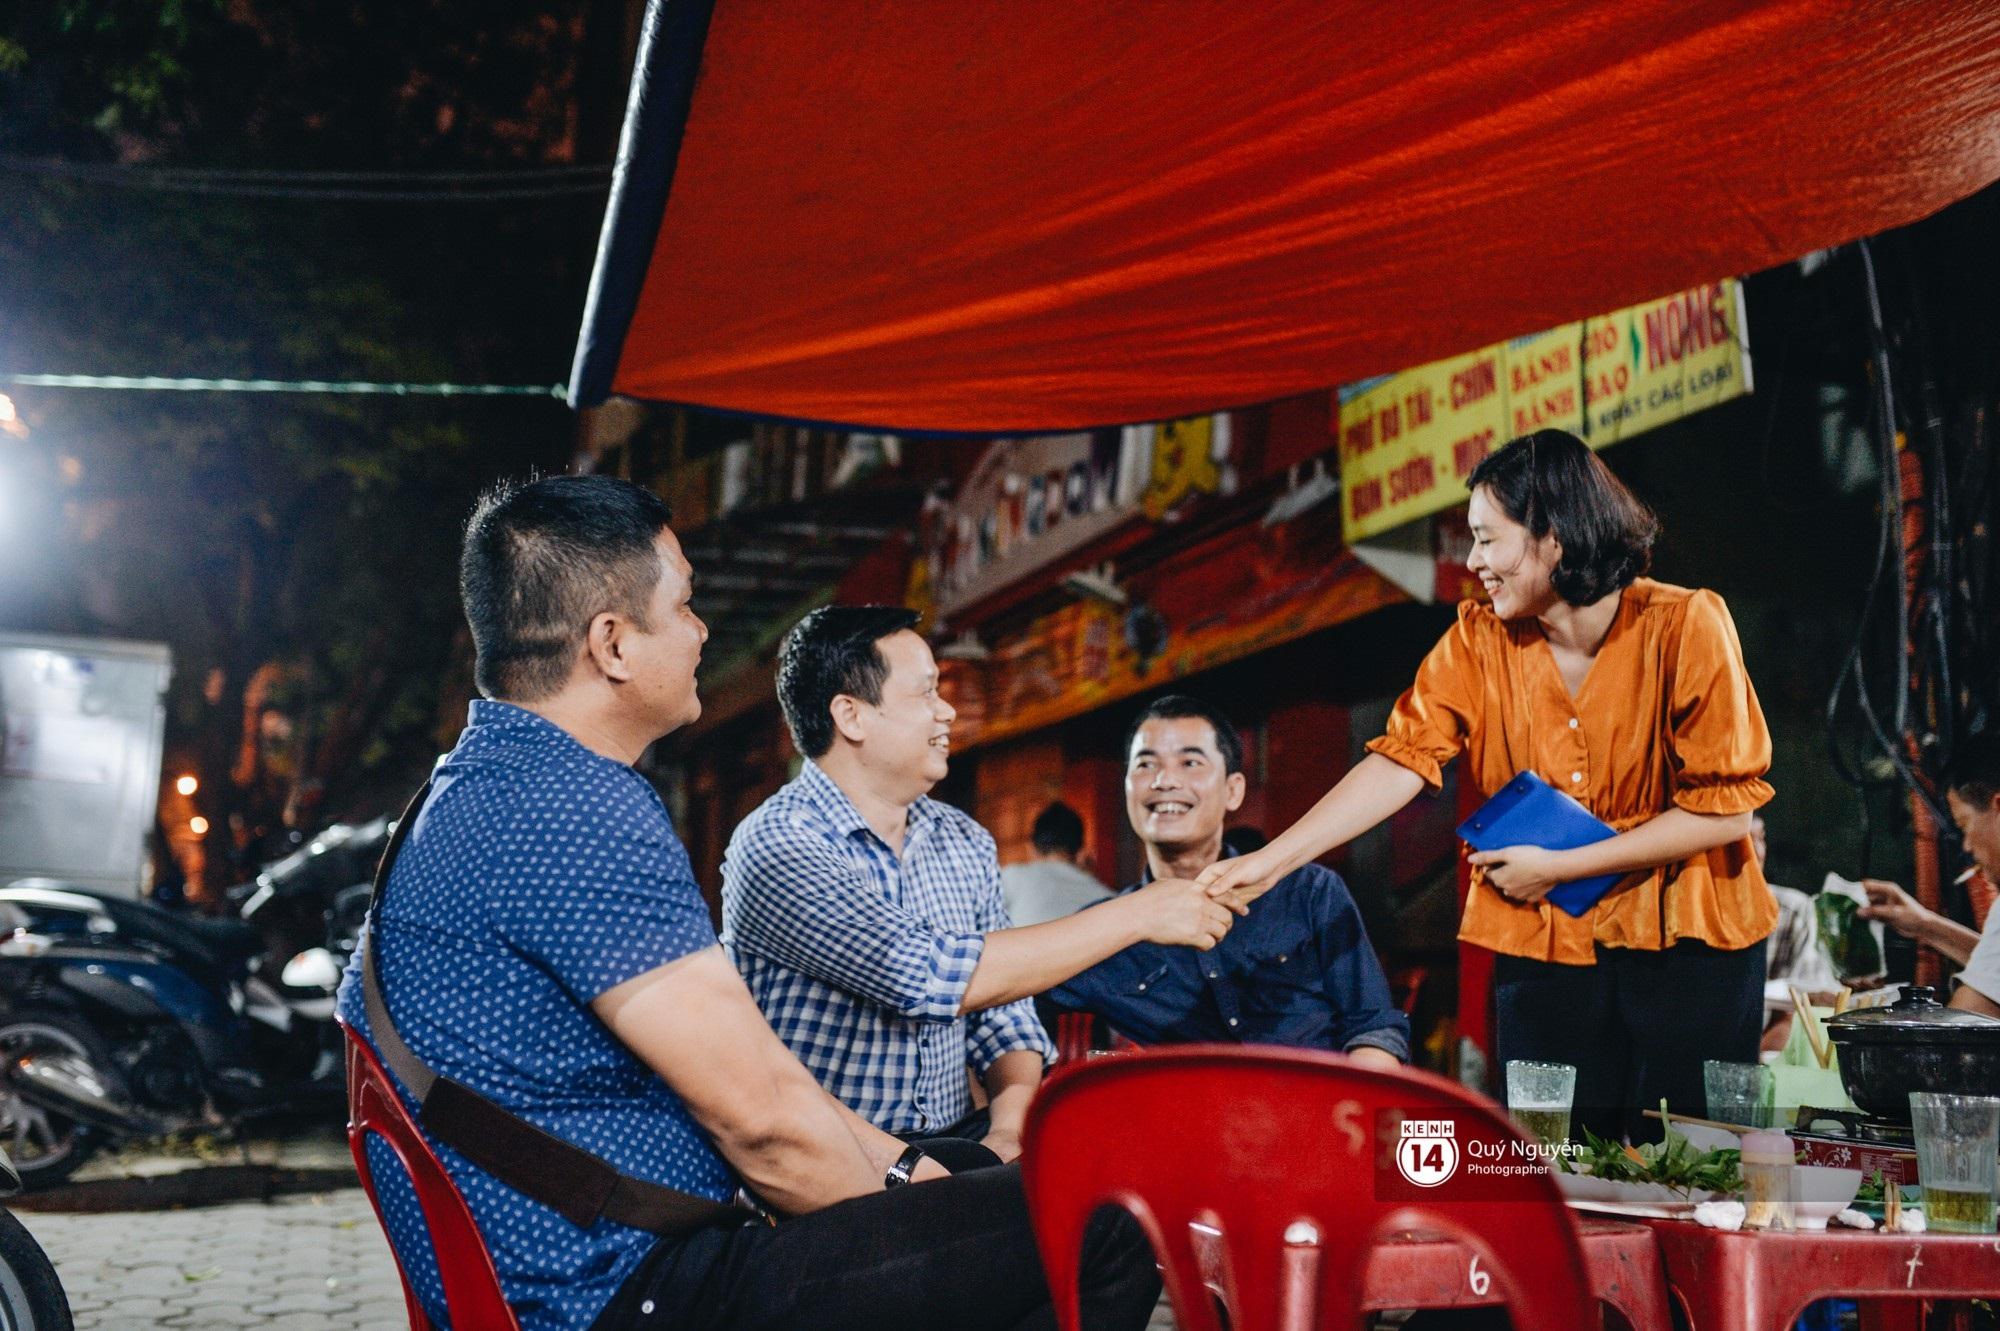 Cuộc sống hiện tại của Nguyệt trong Phía trước là bầu trời: Sáng đi dạy múa, tối về làm chủ quán bia - Ảnh 4